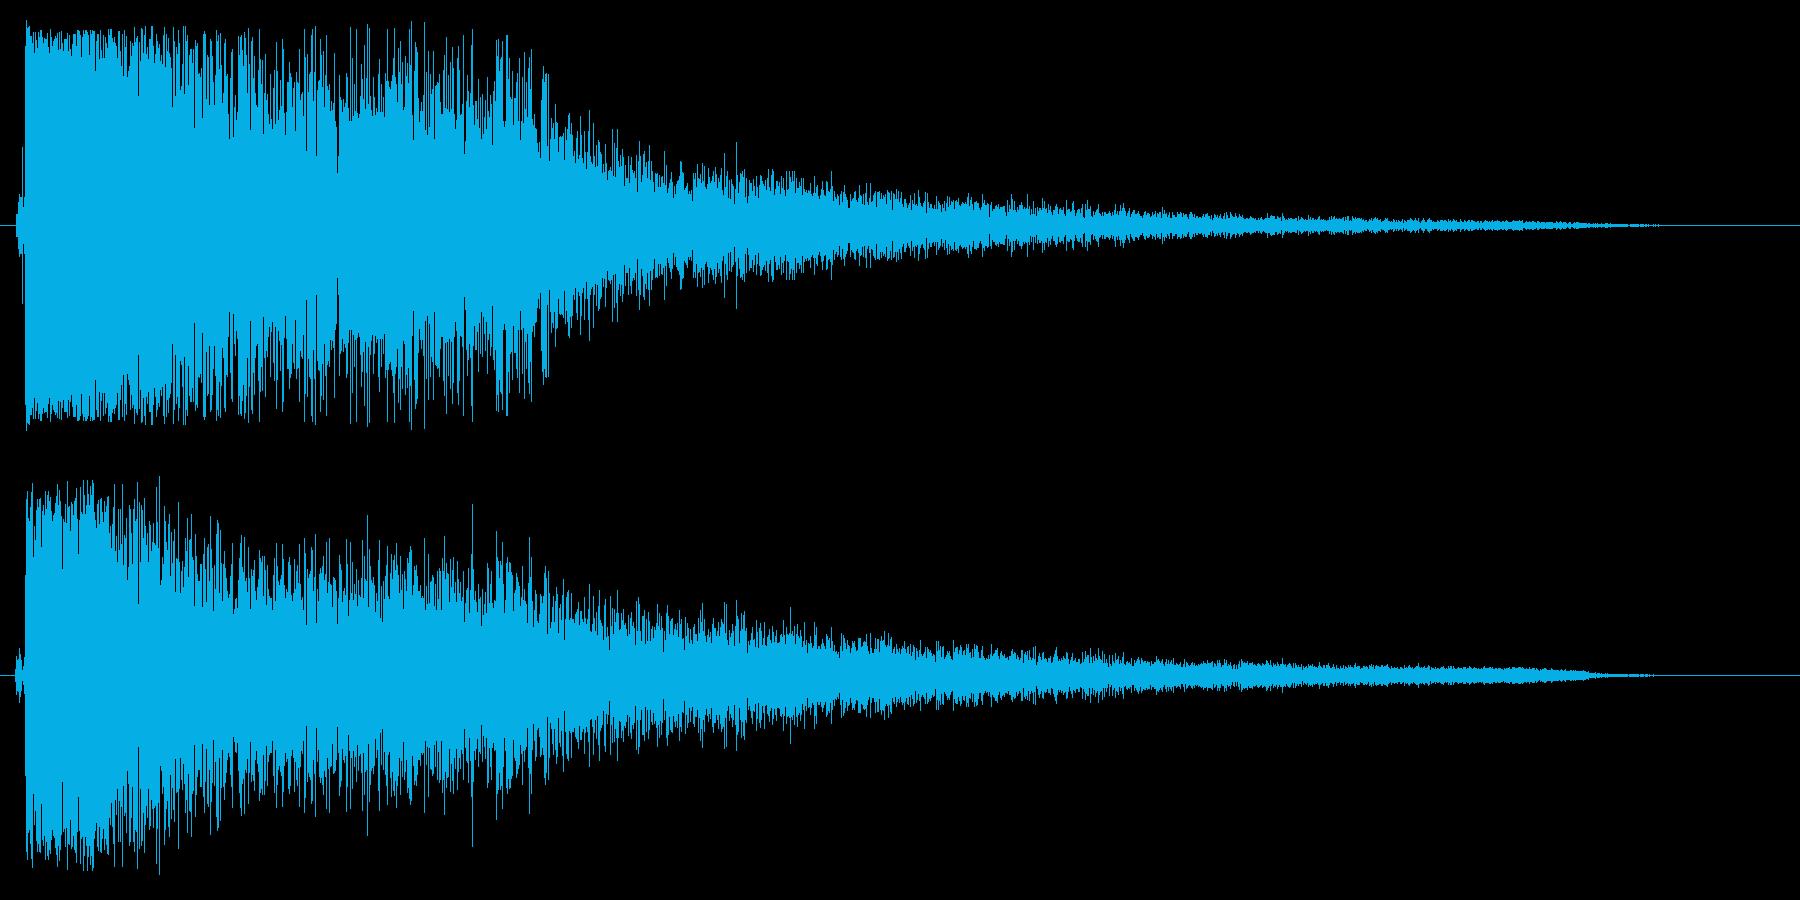 ッシャーン(シンバル音)の再生済みの波形